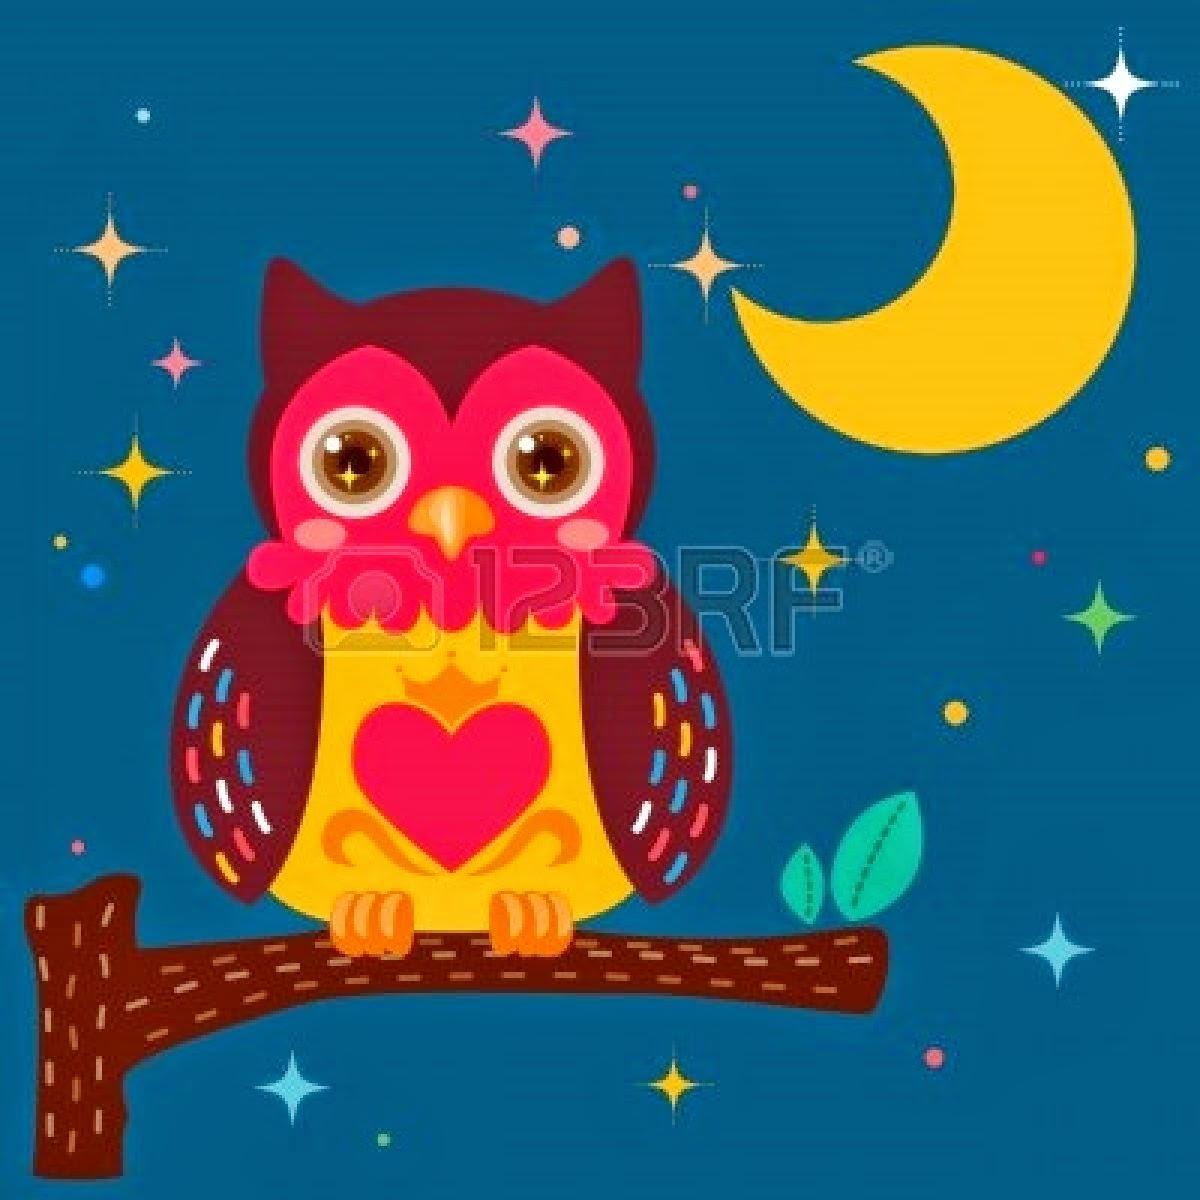 Kumpulan Gambar  Kartun  Owl  Hd Kolek Gambar